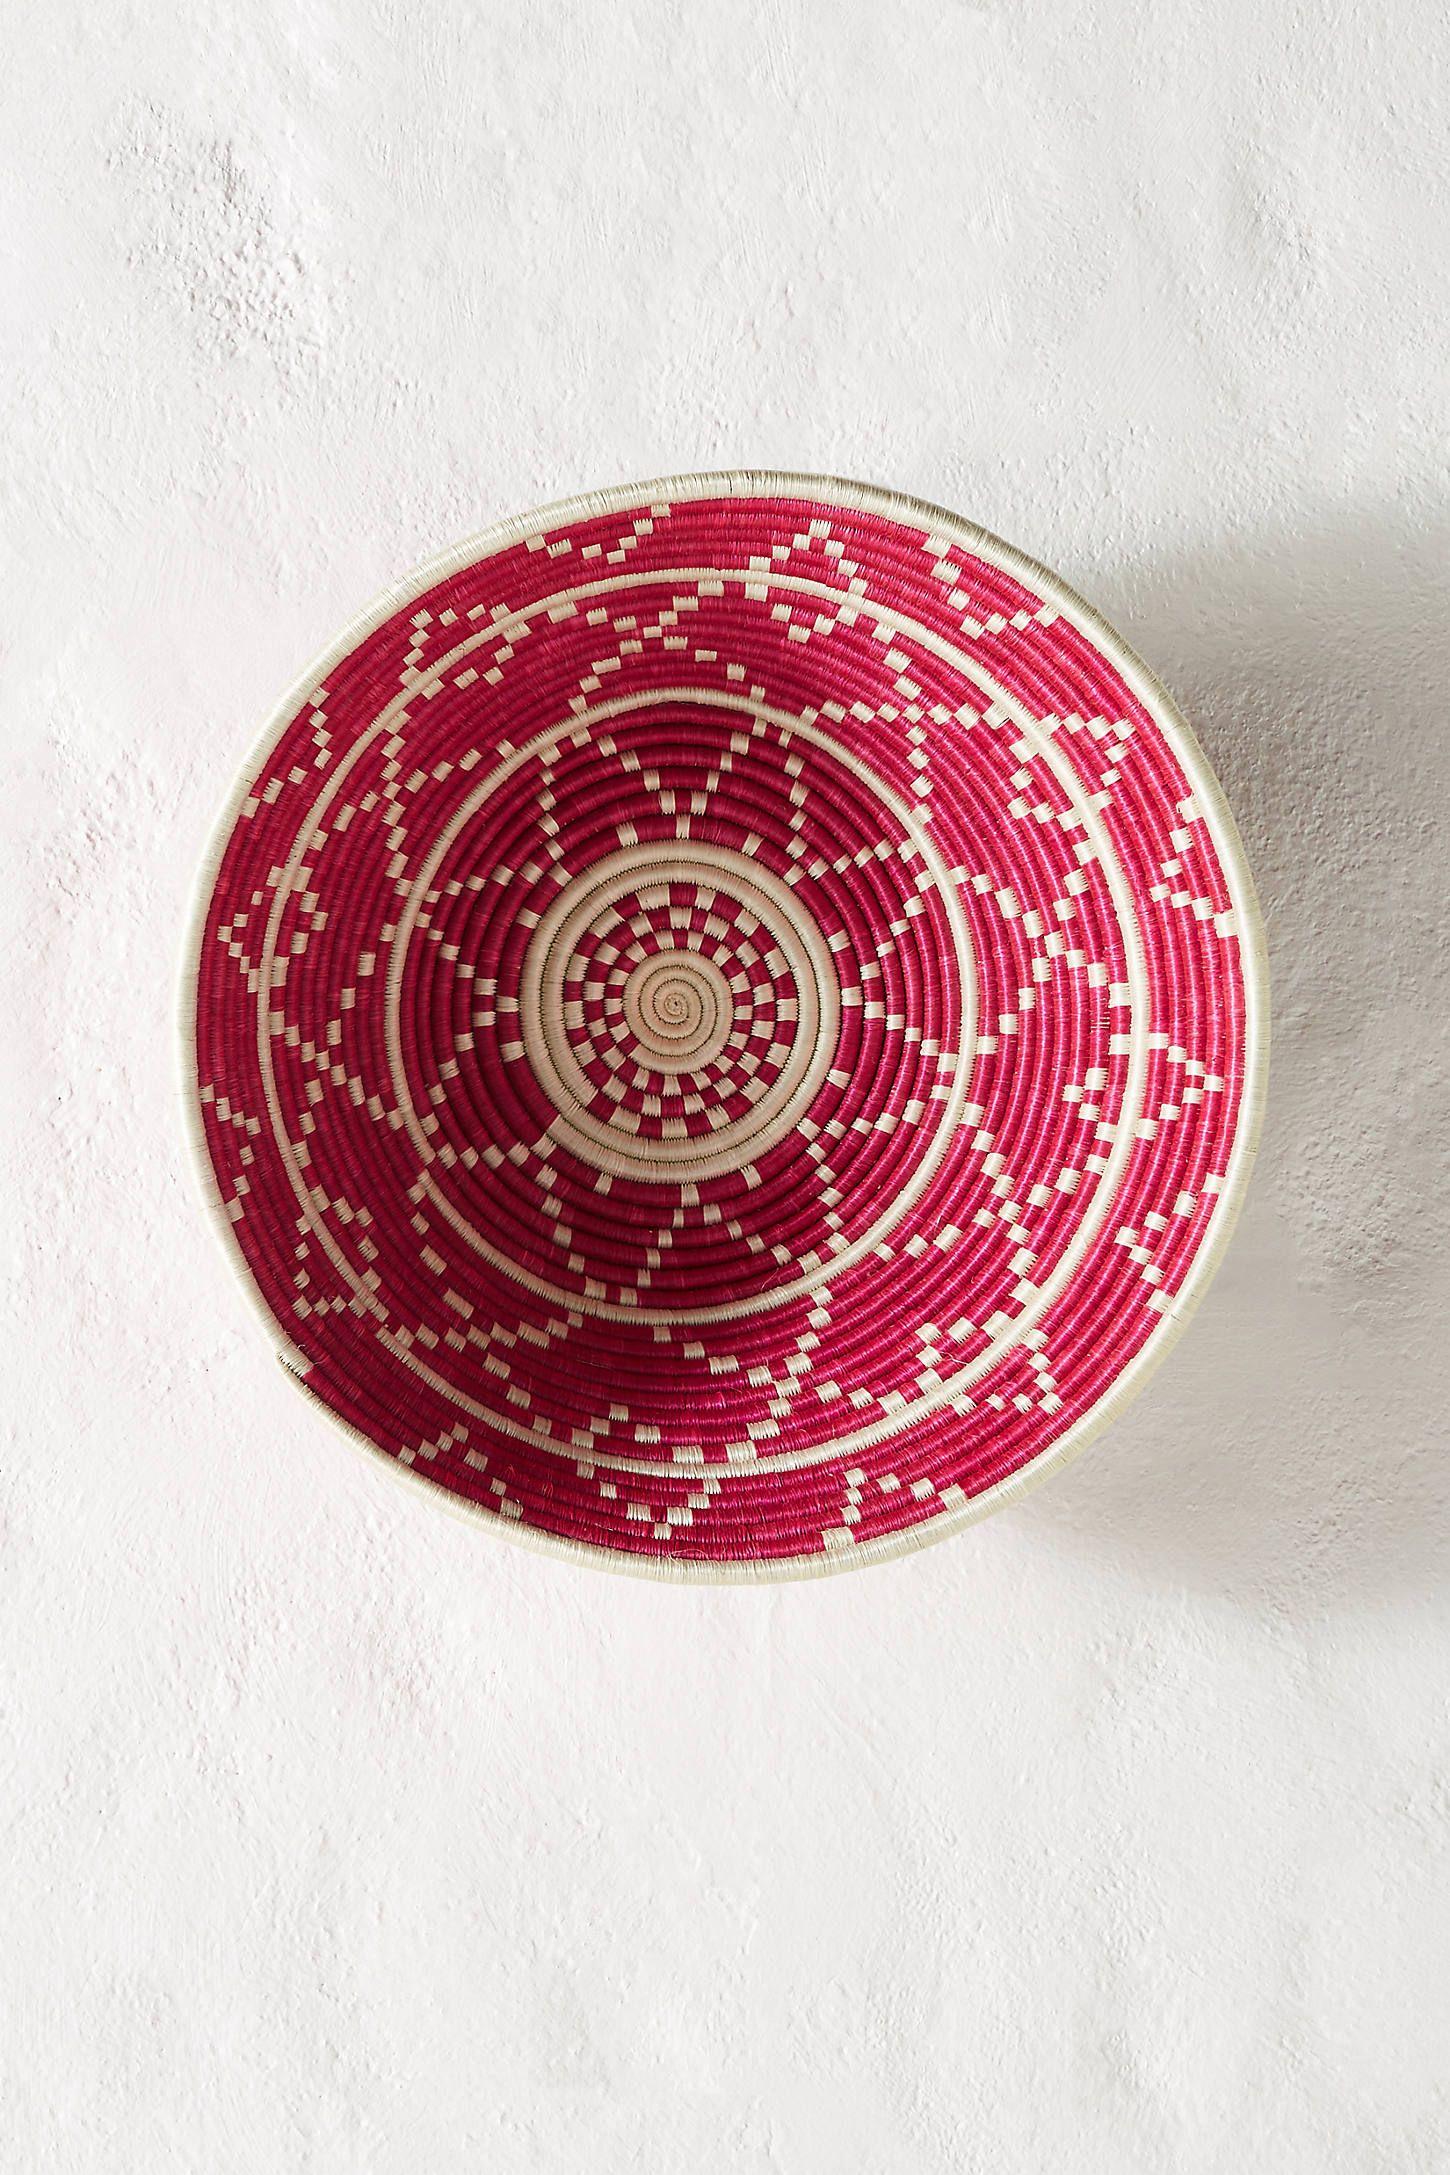 Khari Hanging Basket Wall Hanging Hanging Baskets Basket Wall Art